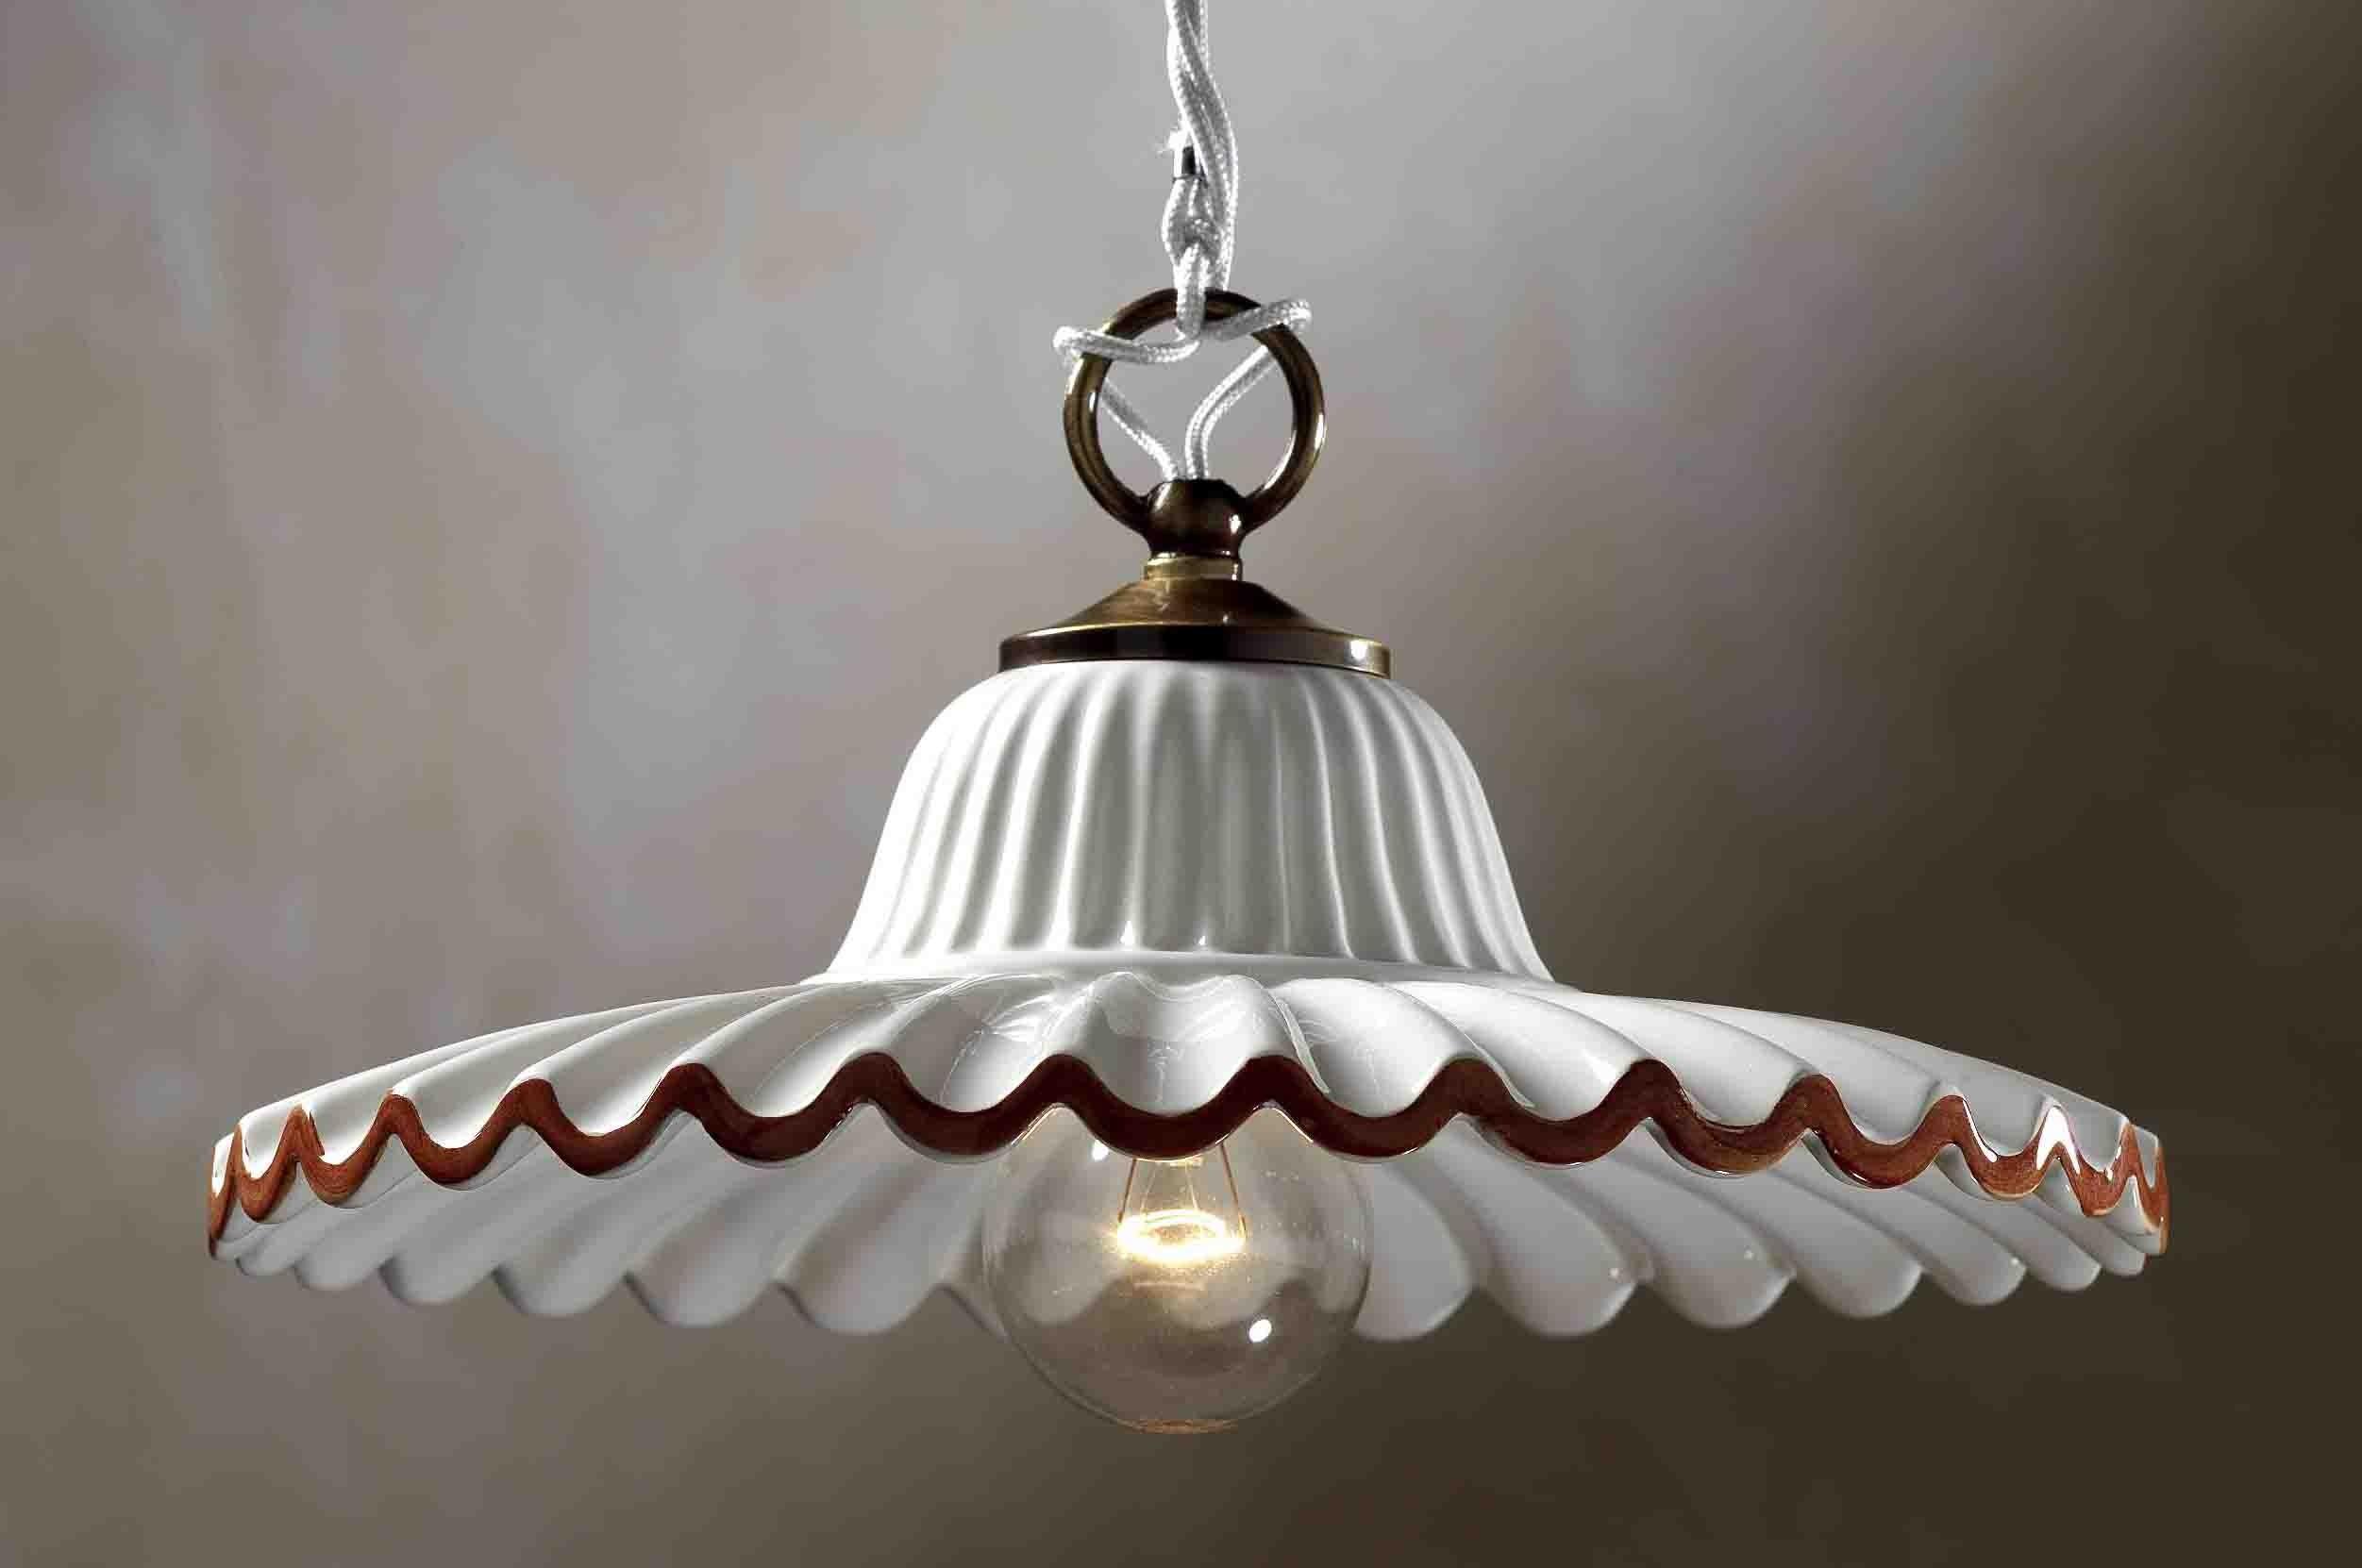 Lampadario Stile Rustico : Lampadario stile country good ho lampada da soffitto in stile